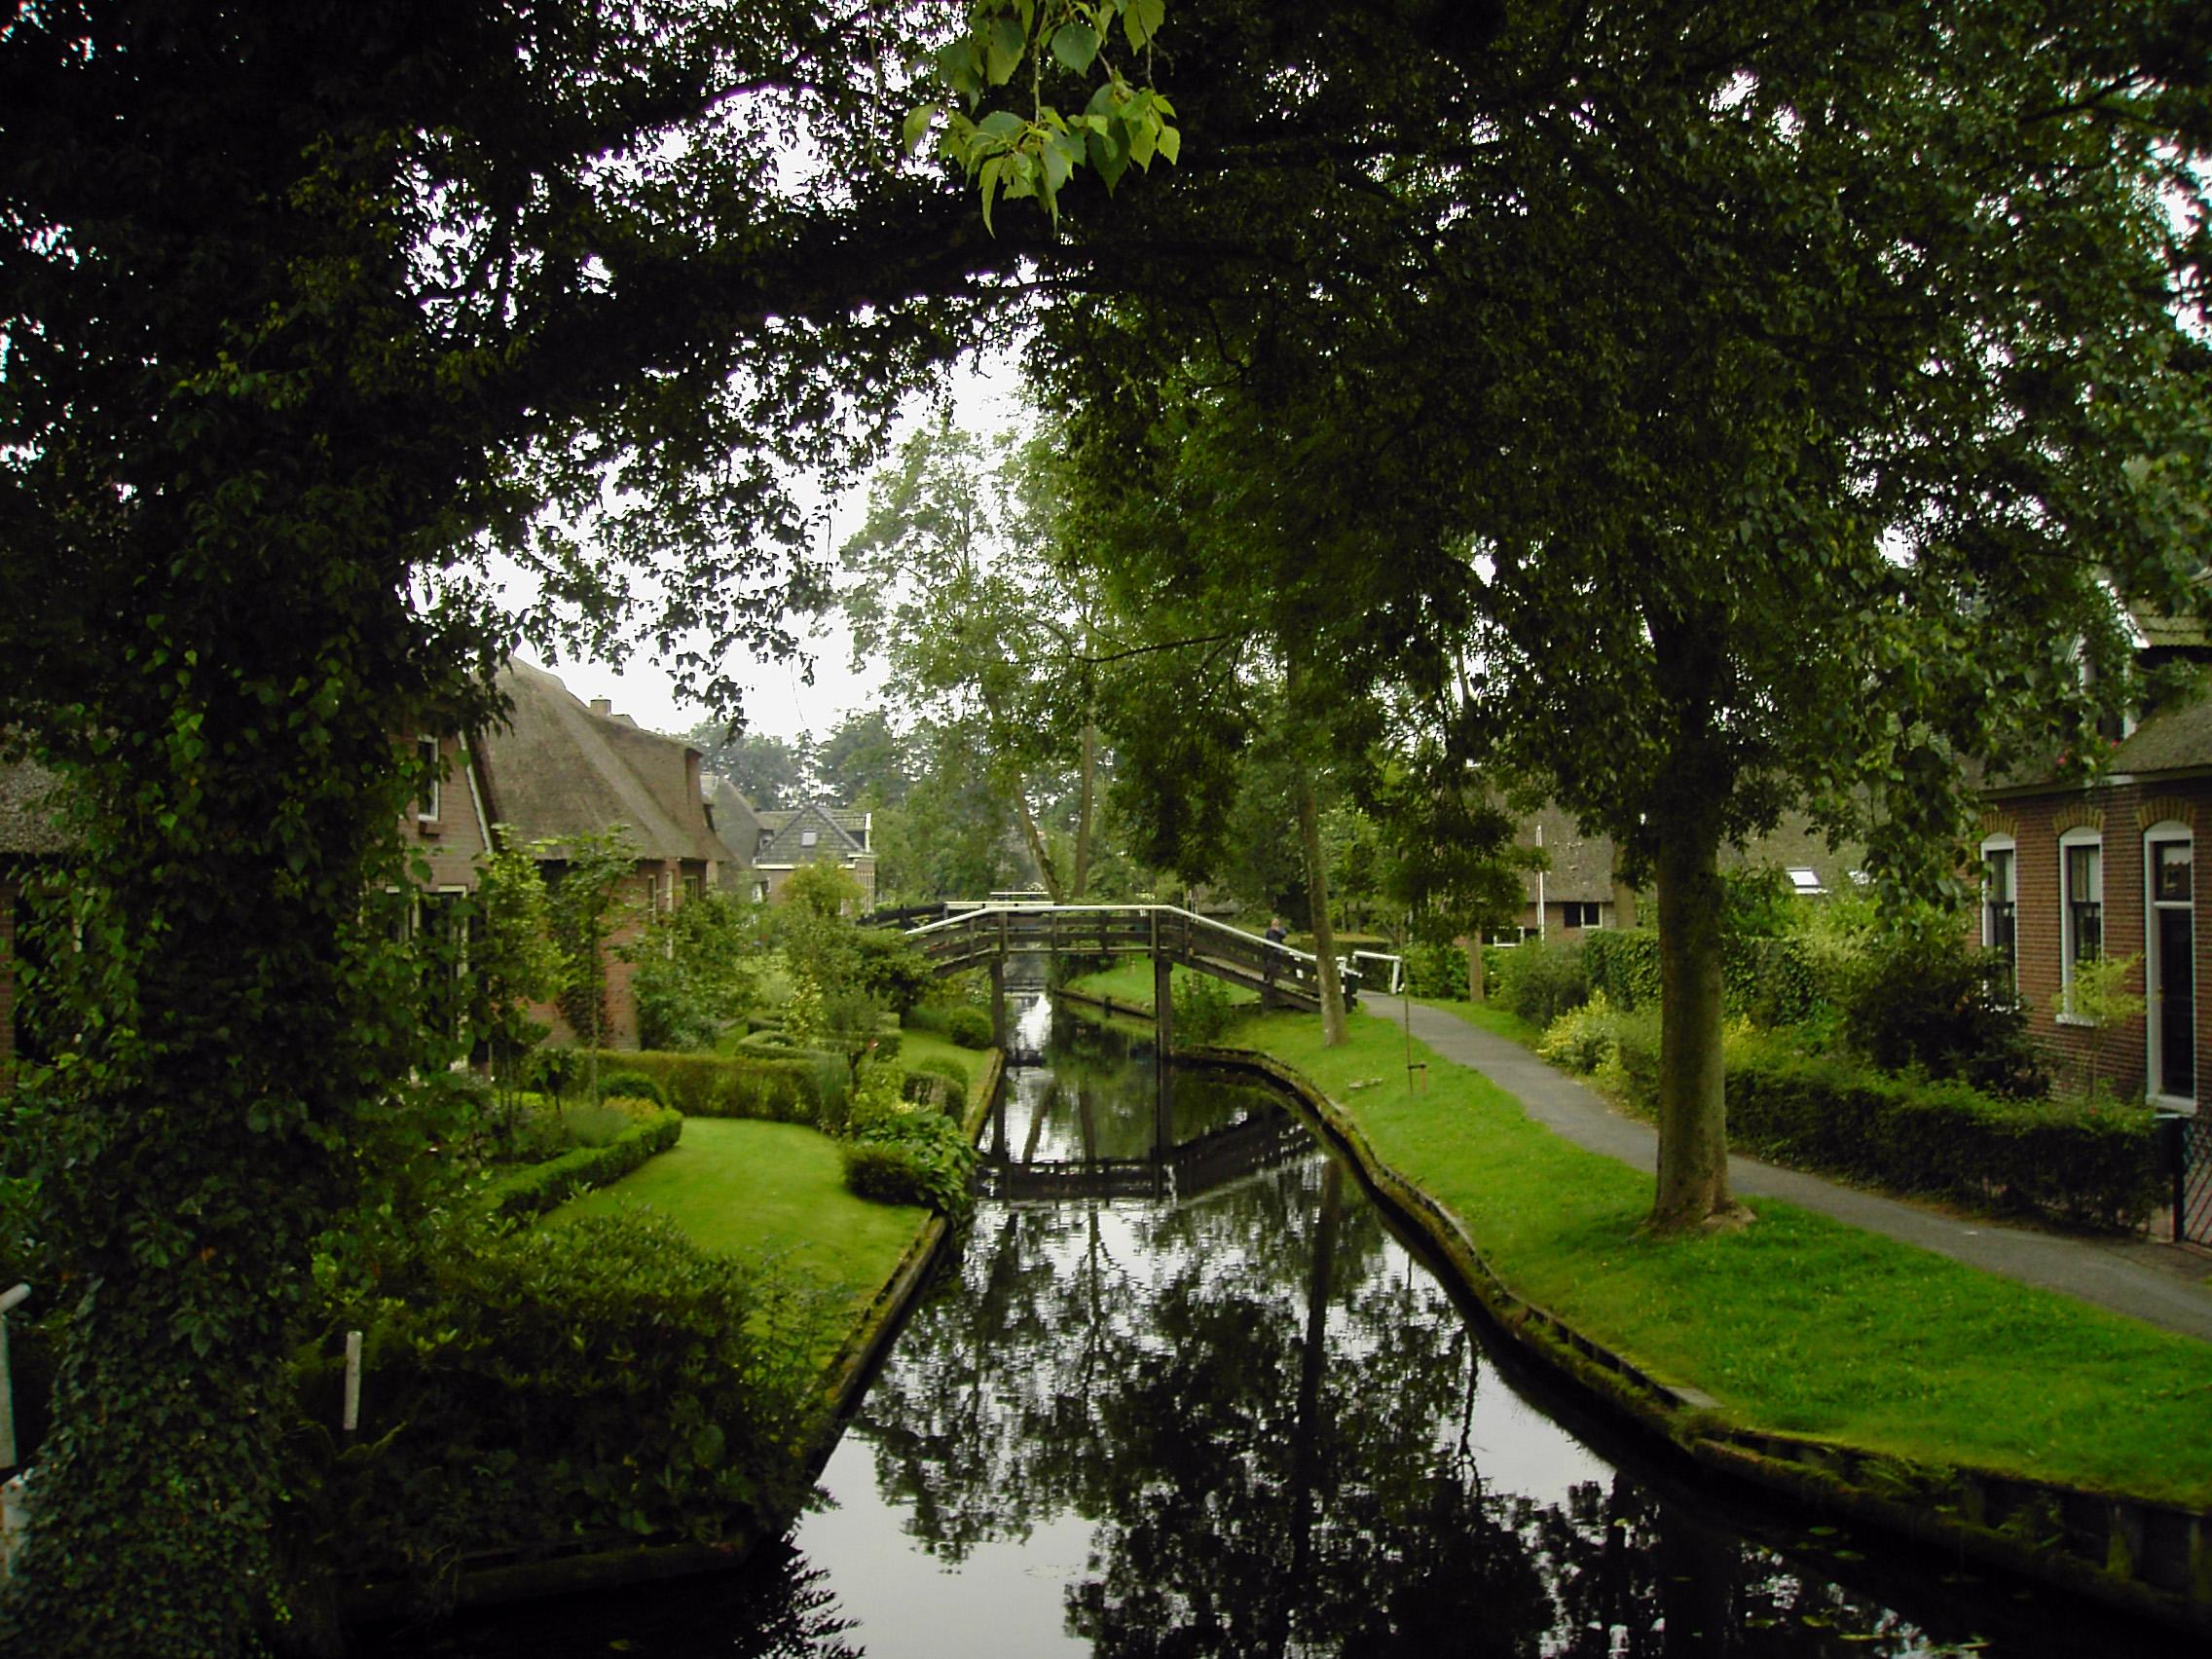 Raj na zemlji - Grad bez puteva Giethoorn1